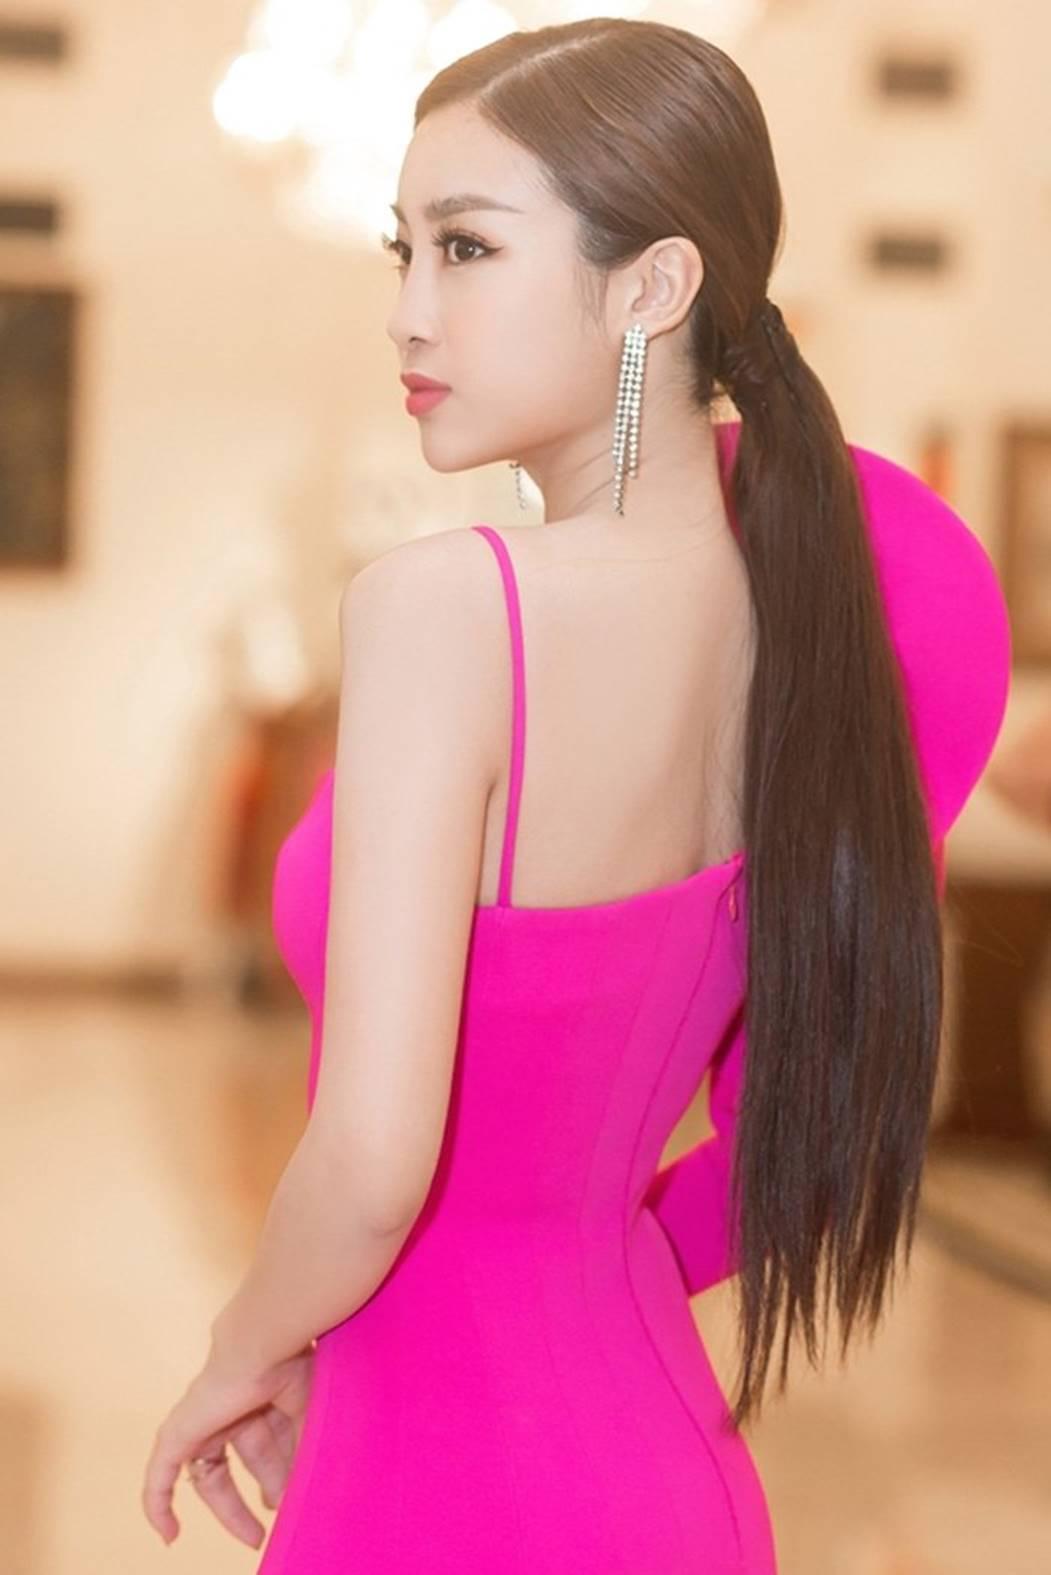 Hoa hậu Đỗ Mỹ Linh tái xuất gợi cảm sau khi trao lại vương miện-1